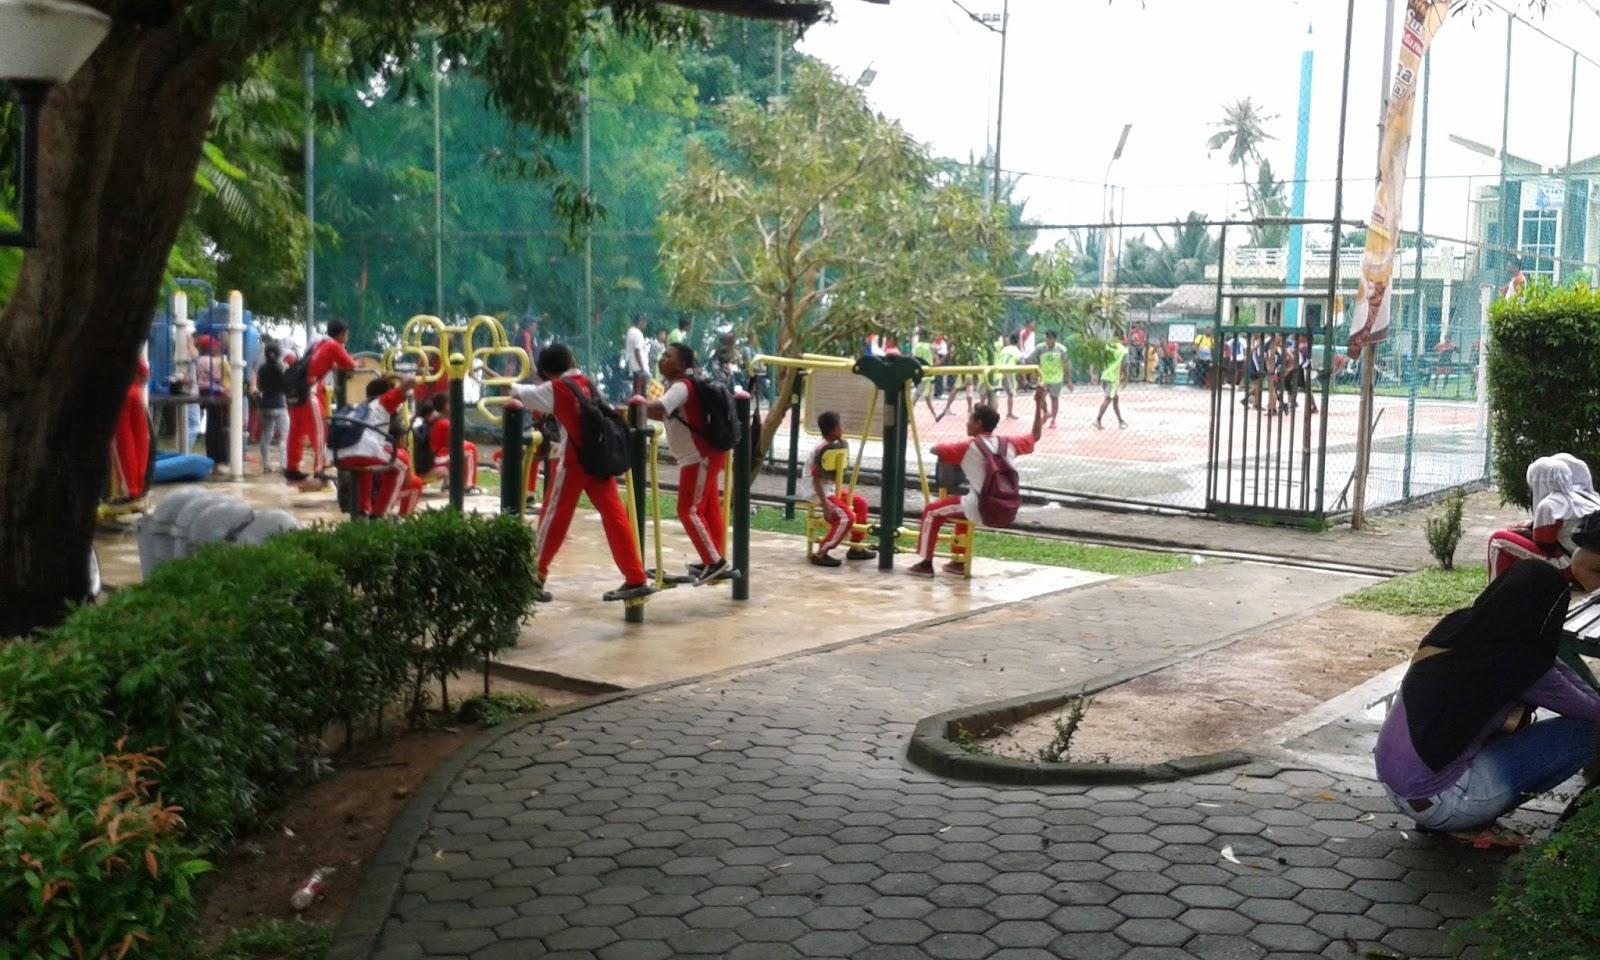 Mylife Taman Tugu Pensil Tanjungpinang Inilah Deretan Tempat Sampah Kagak